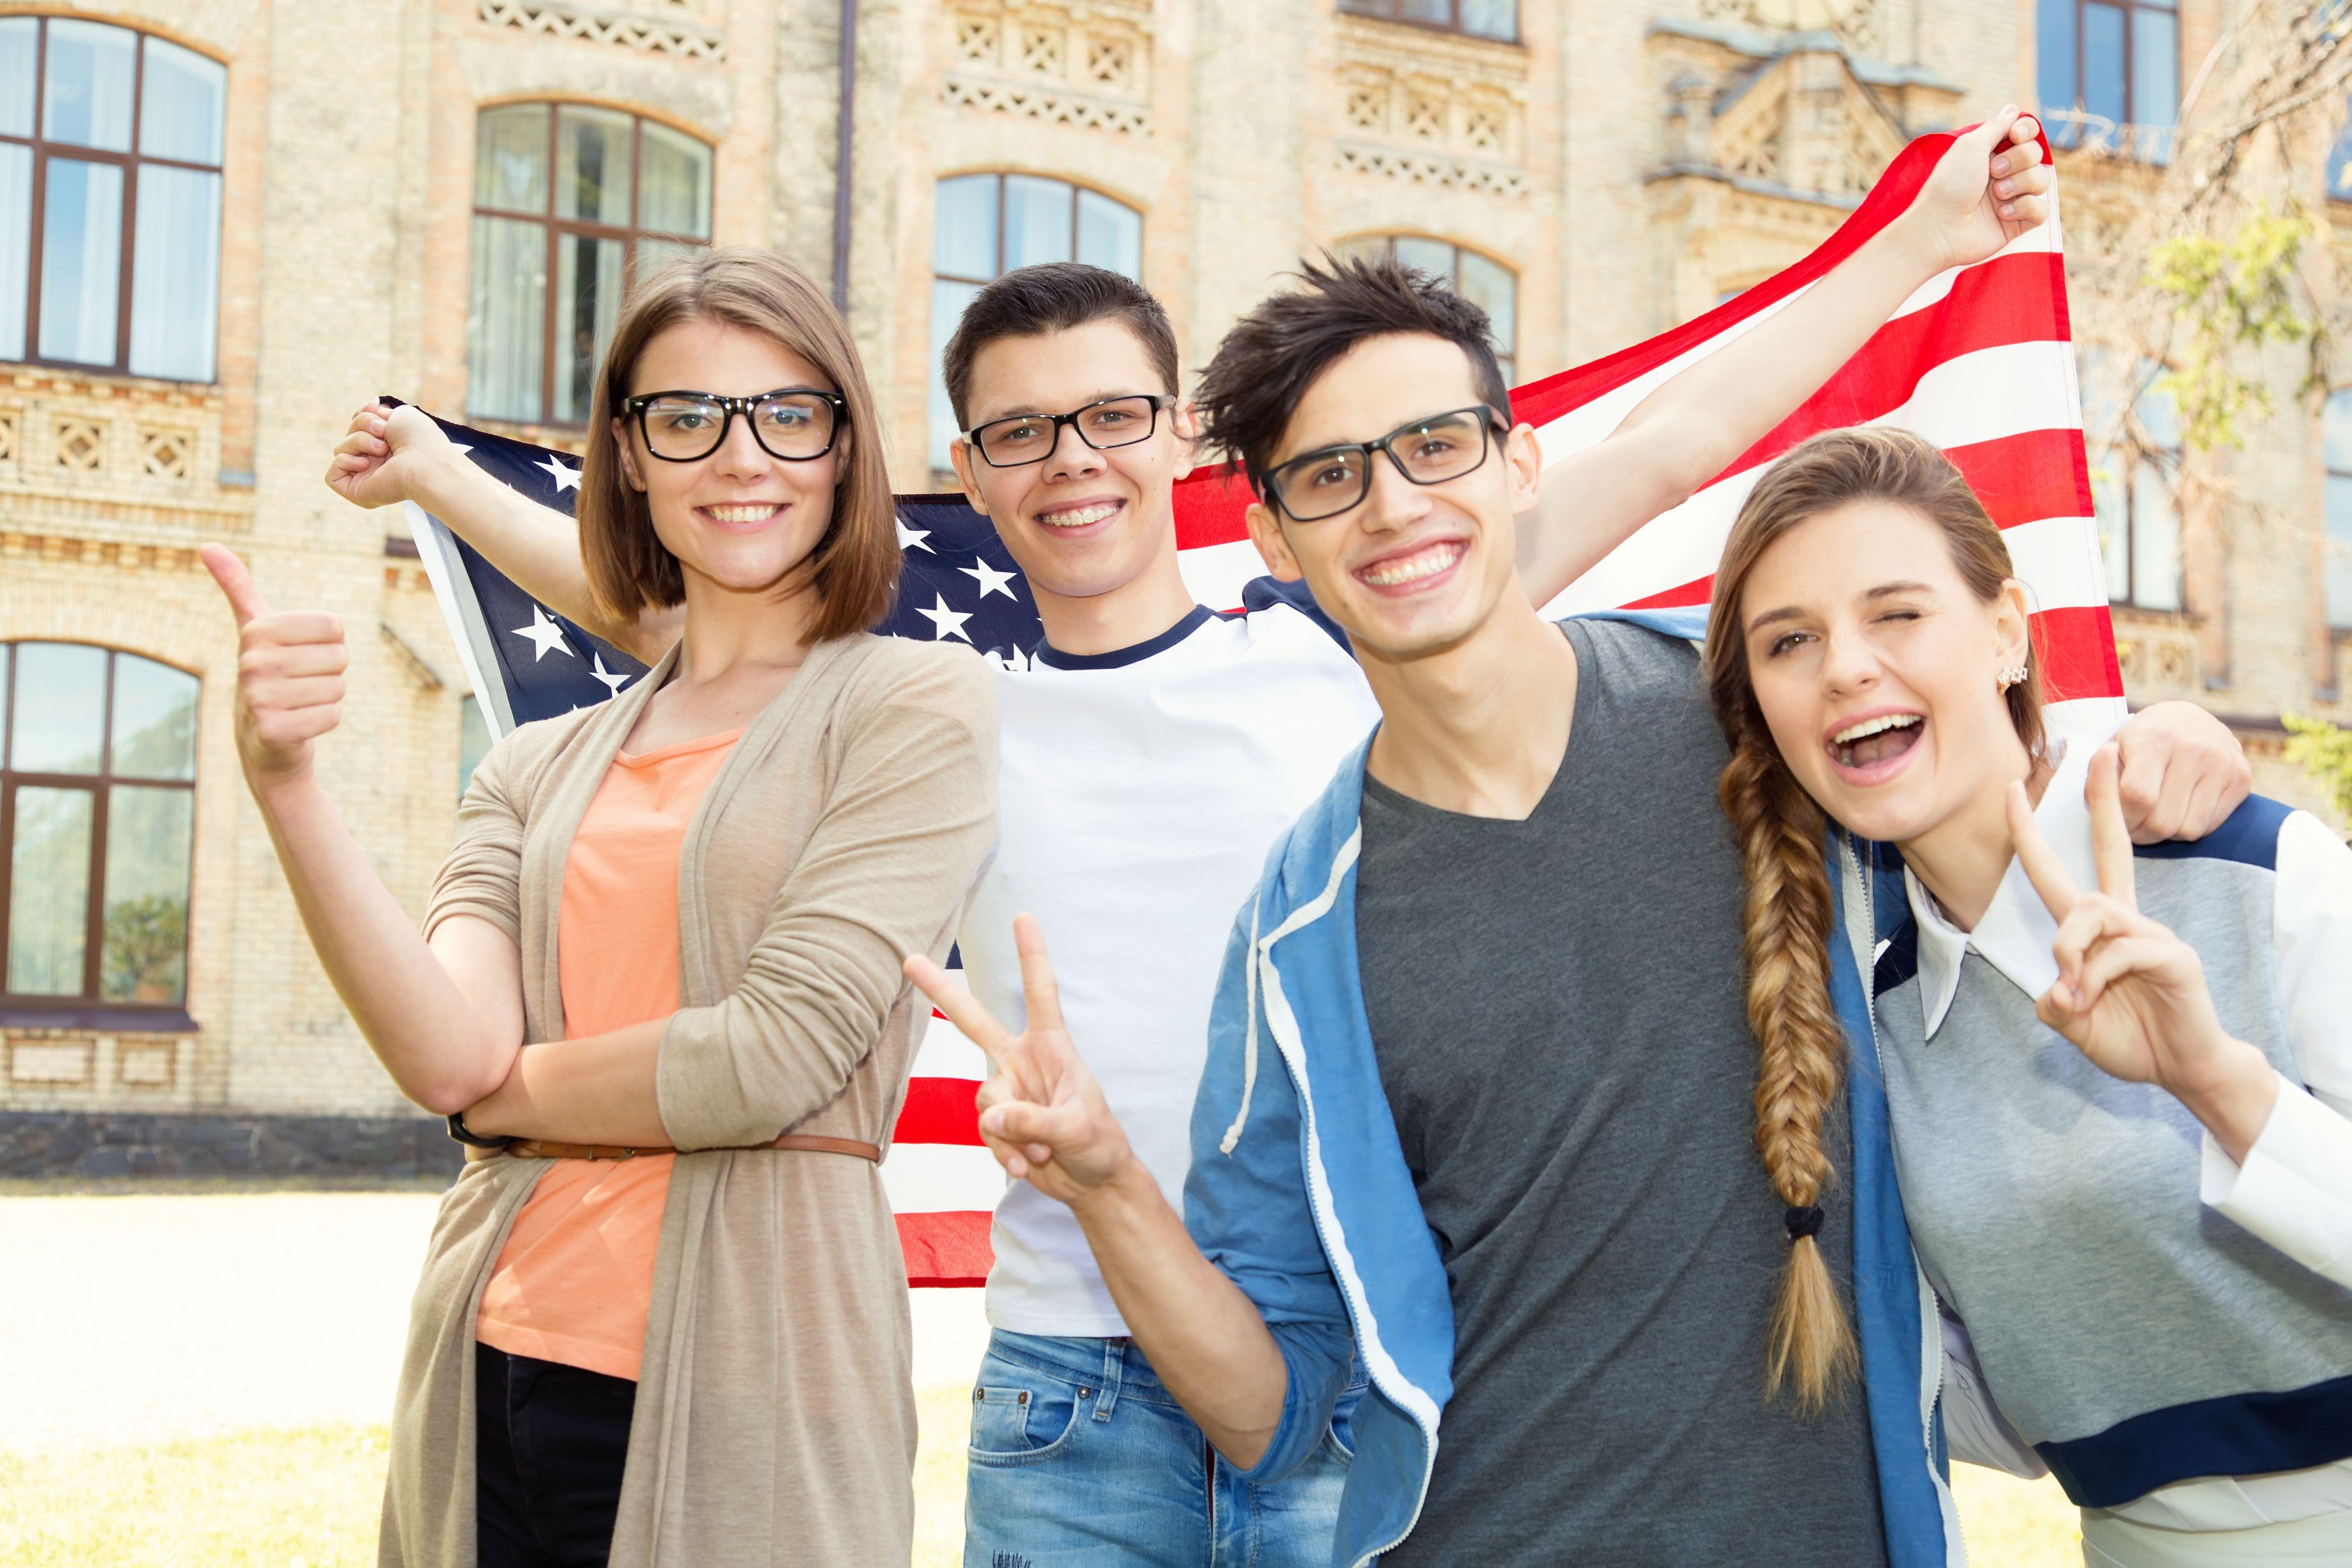 Dla uczelni amerykańskich jest obojętne czy uczeń zda maturę polską czy międzynarodową, ponieważ i tak w obu przypadkach musi zdać dodatkowo maturę amerykańską SAT. (Fot. Shutterstock)